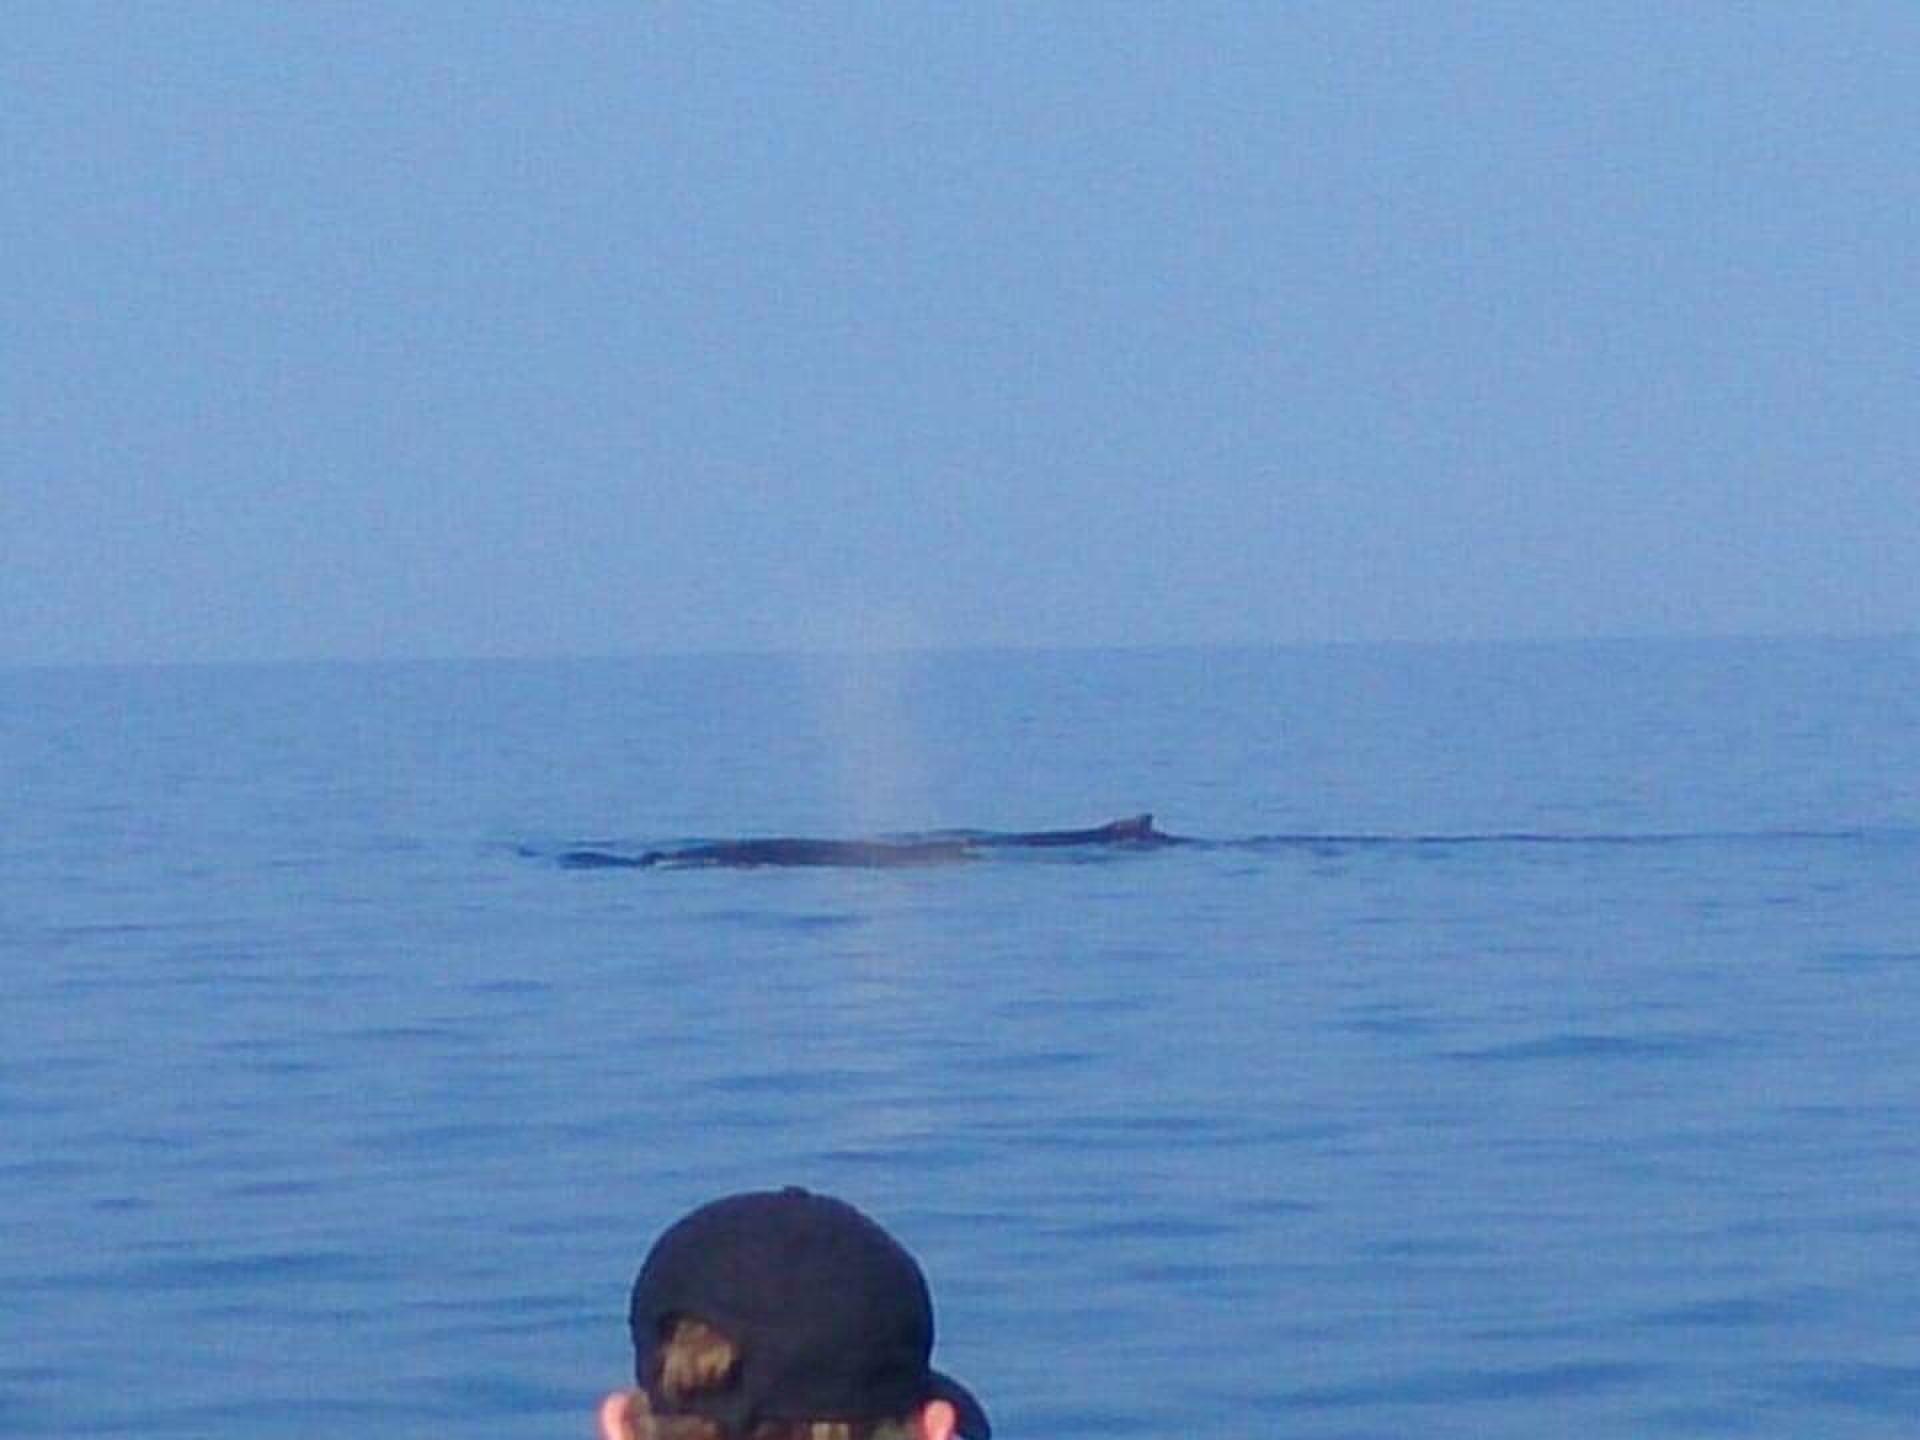 ハワイ島で観光するなら必見!クジラが次々現れる、ハワイ島でおすすめホエールウォッチング!